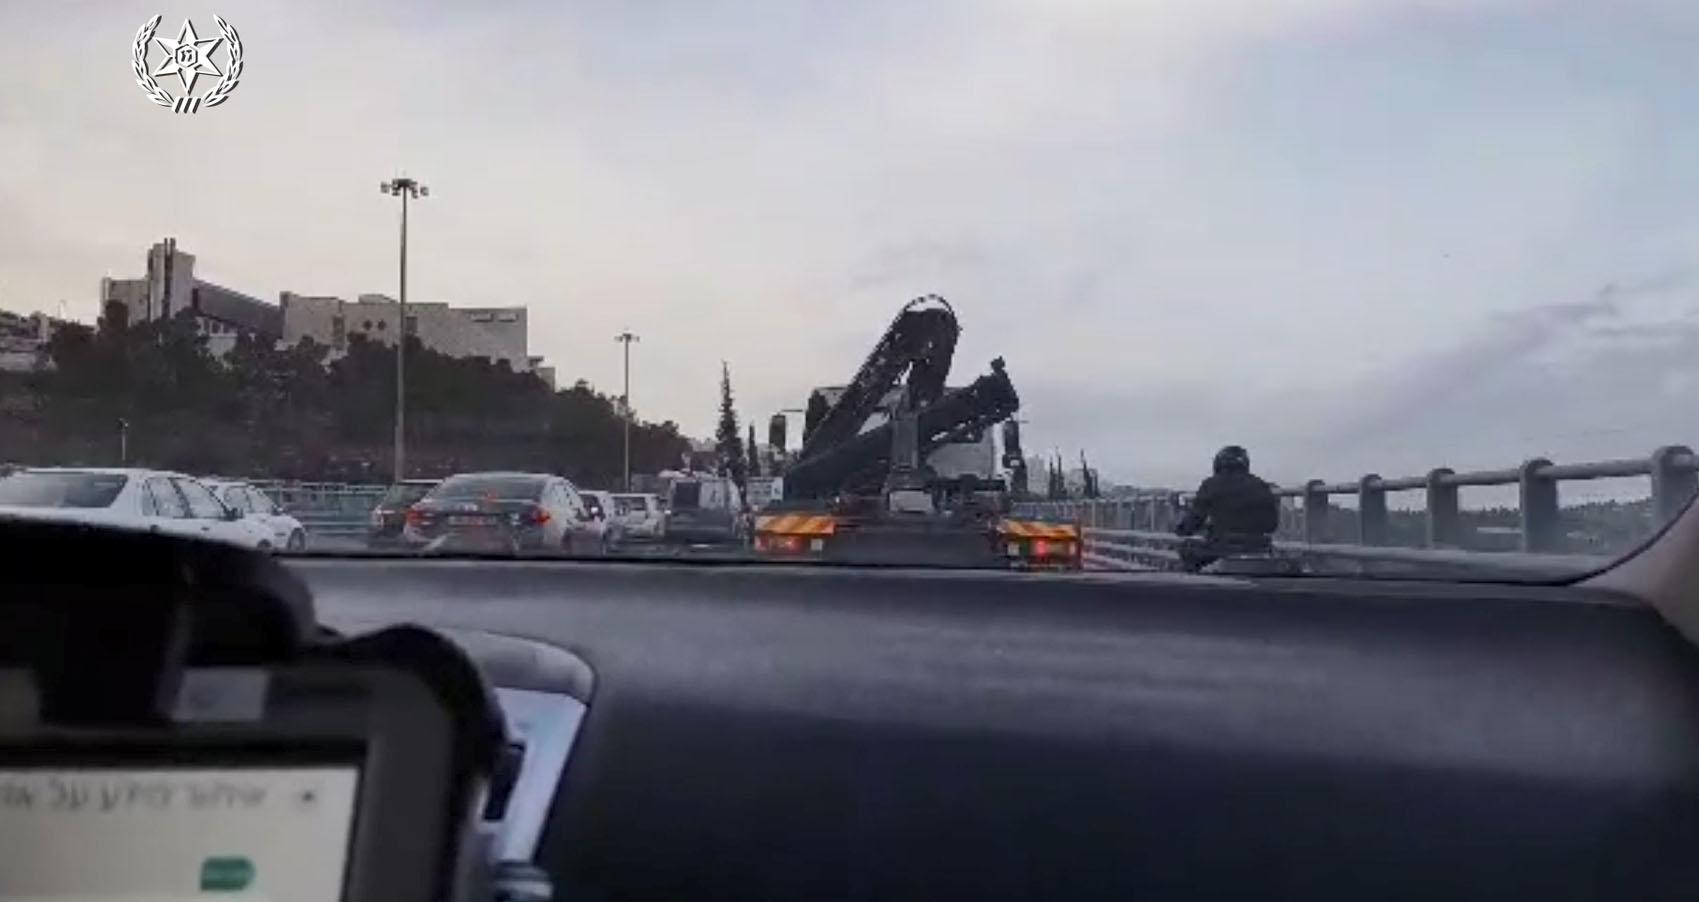 תיעוד מתוך מצלמת ניידת התנועה - מפלסים את הדרך עבור יולדת (צילום: משטרת ישראל)